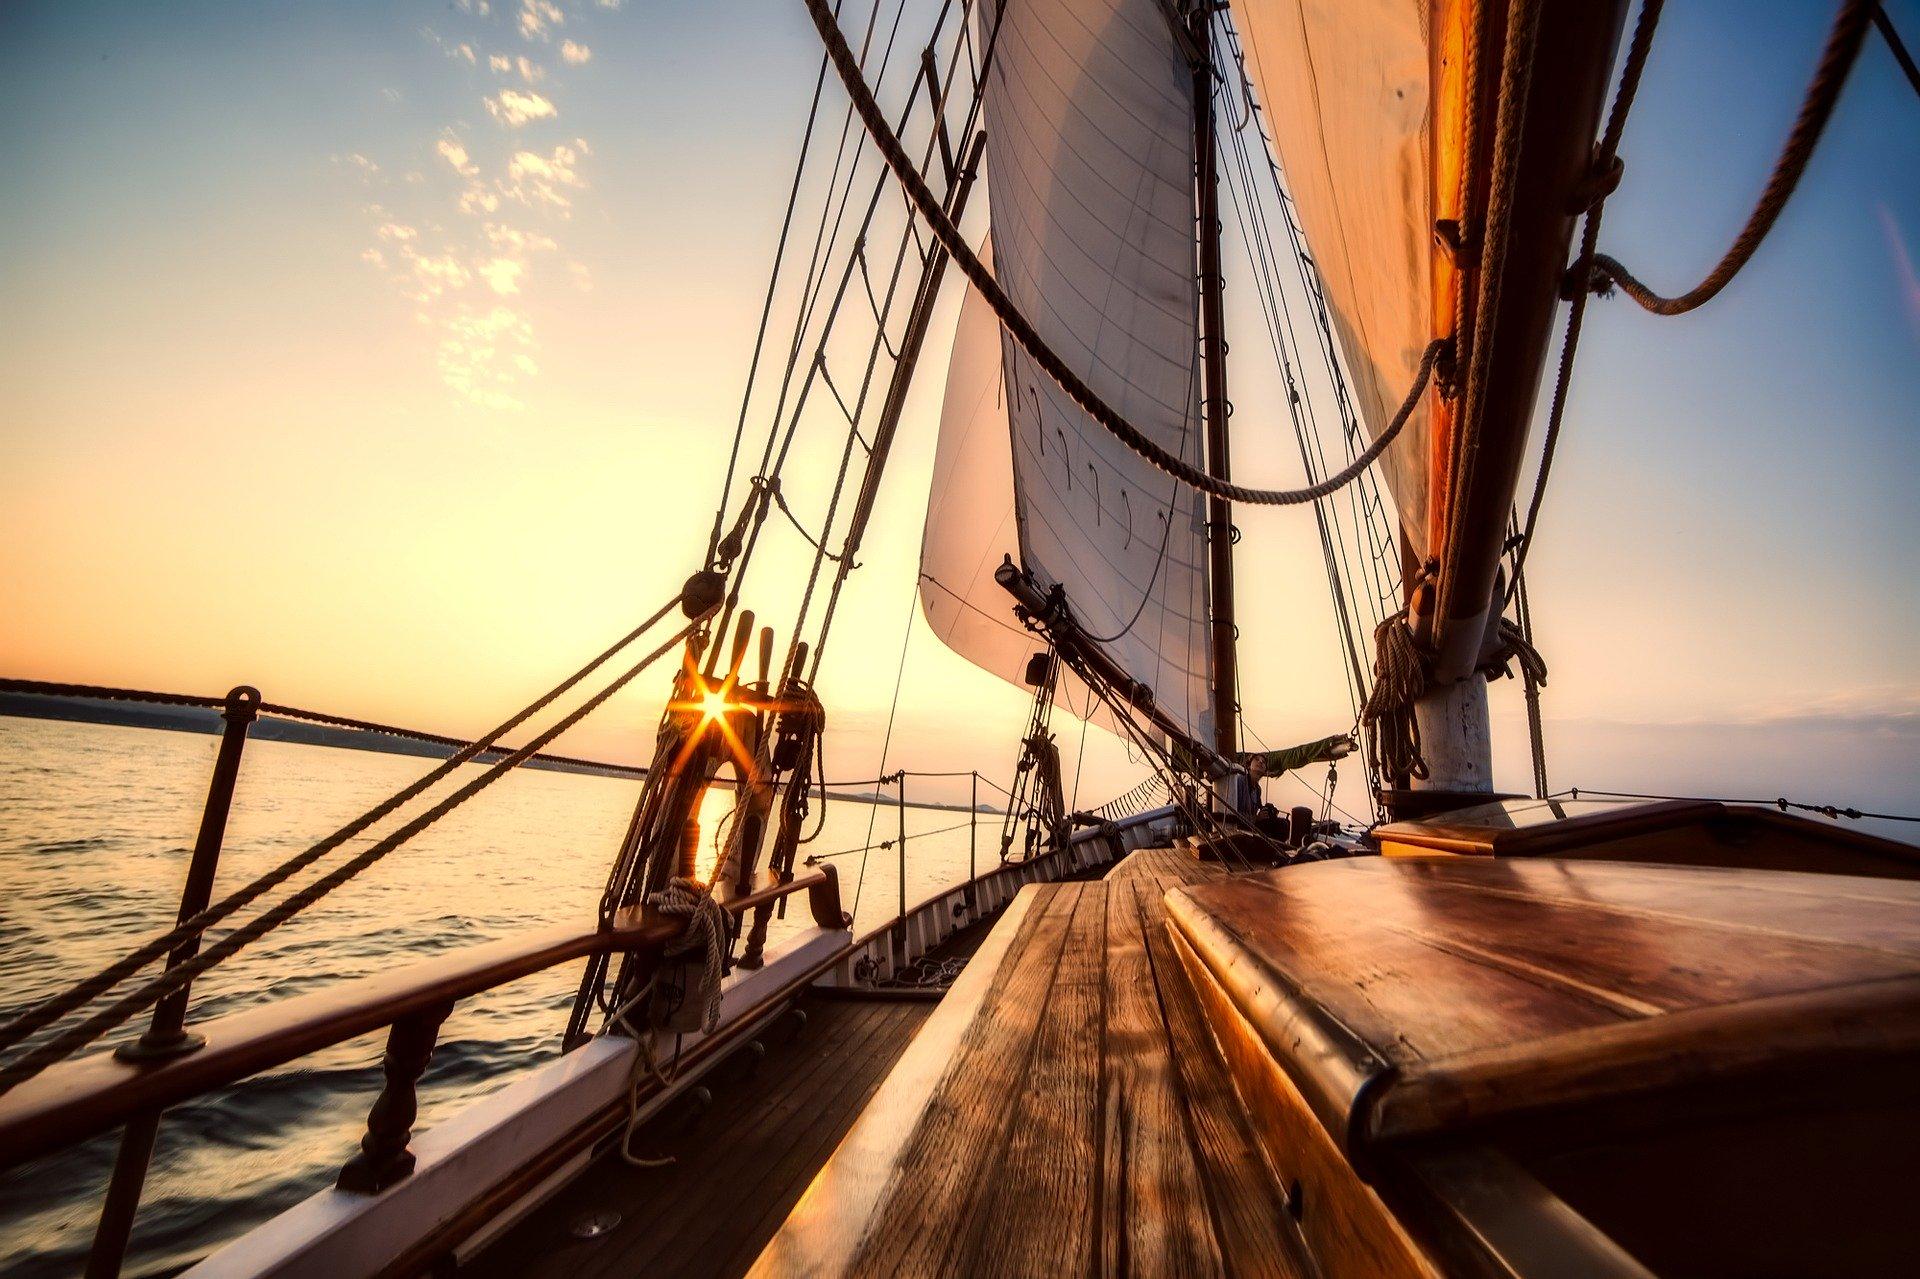 Magasin nautique, accastillage et équipements bateau